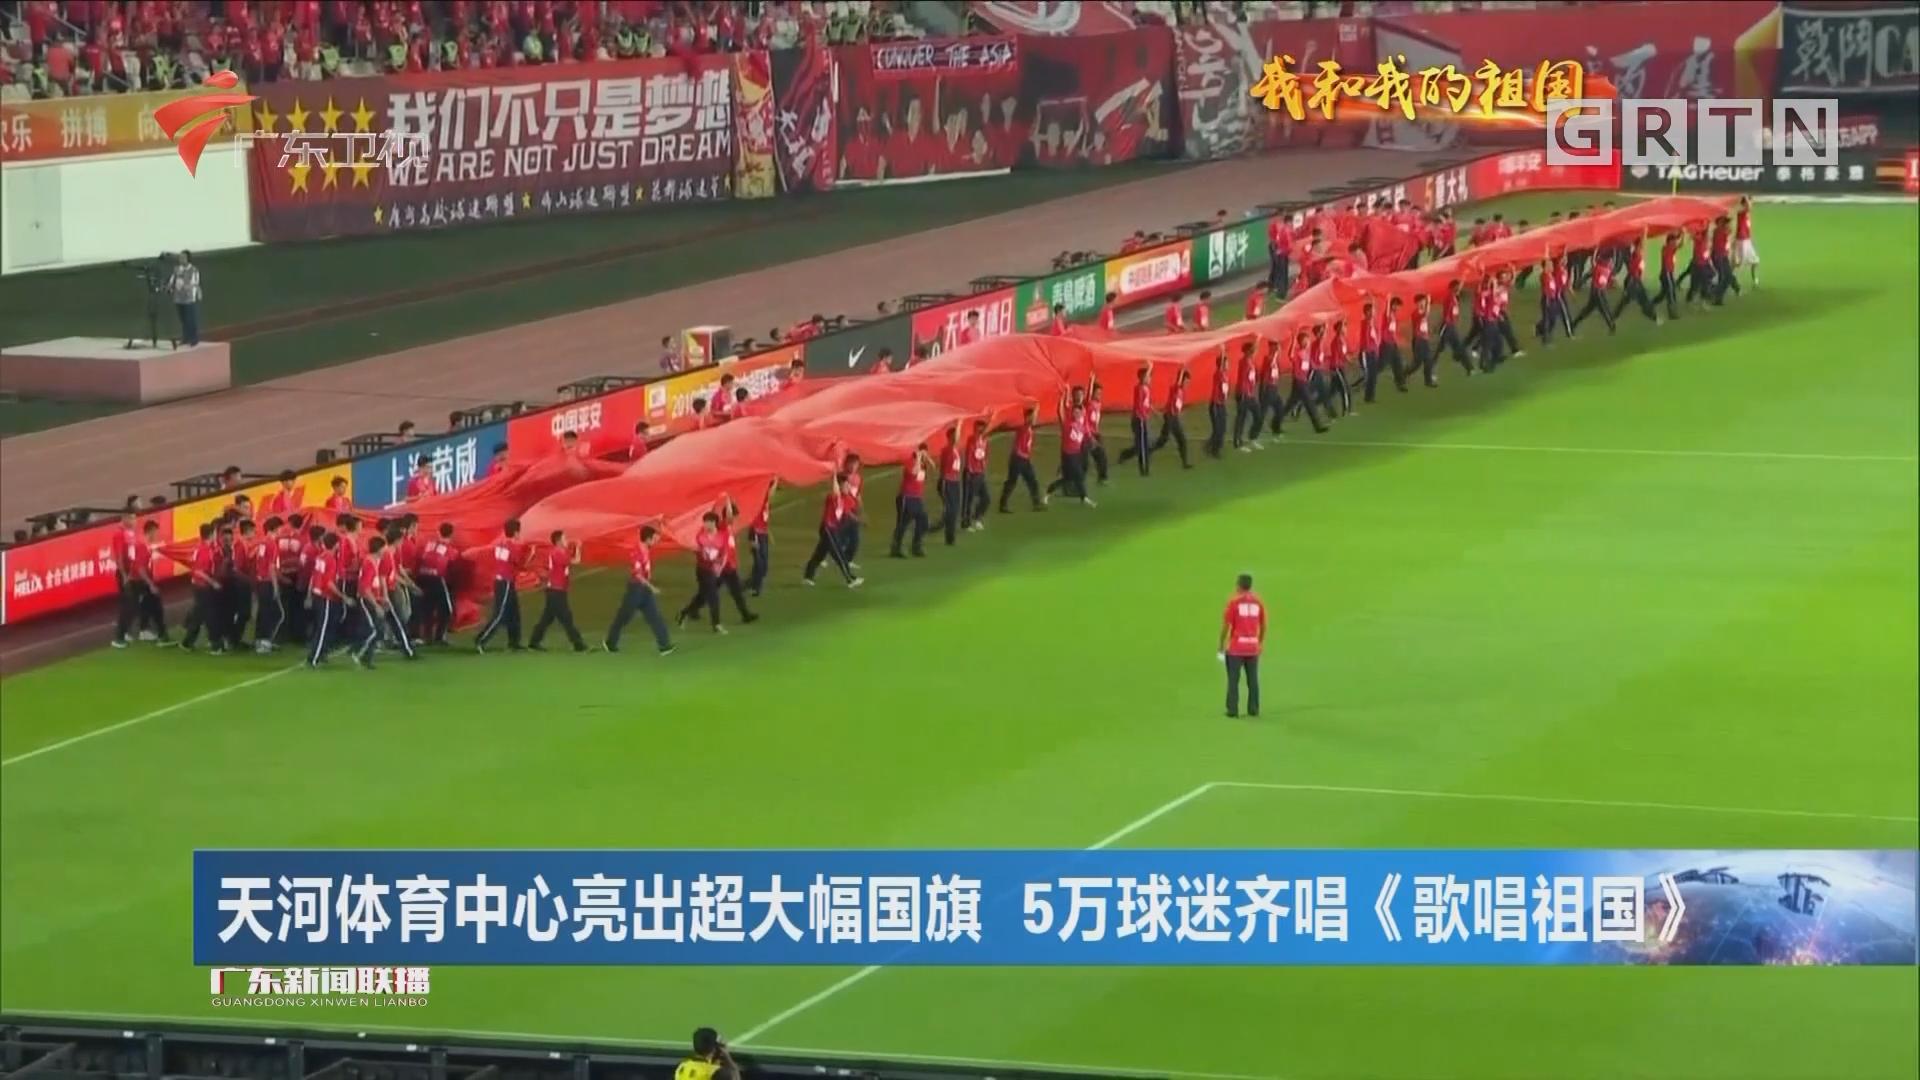 天河体育中心亮出超大幅国旗 5万球迷齐唱《歌唱祖国》